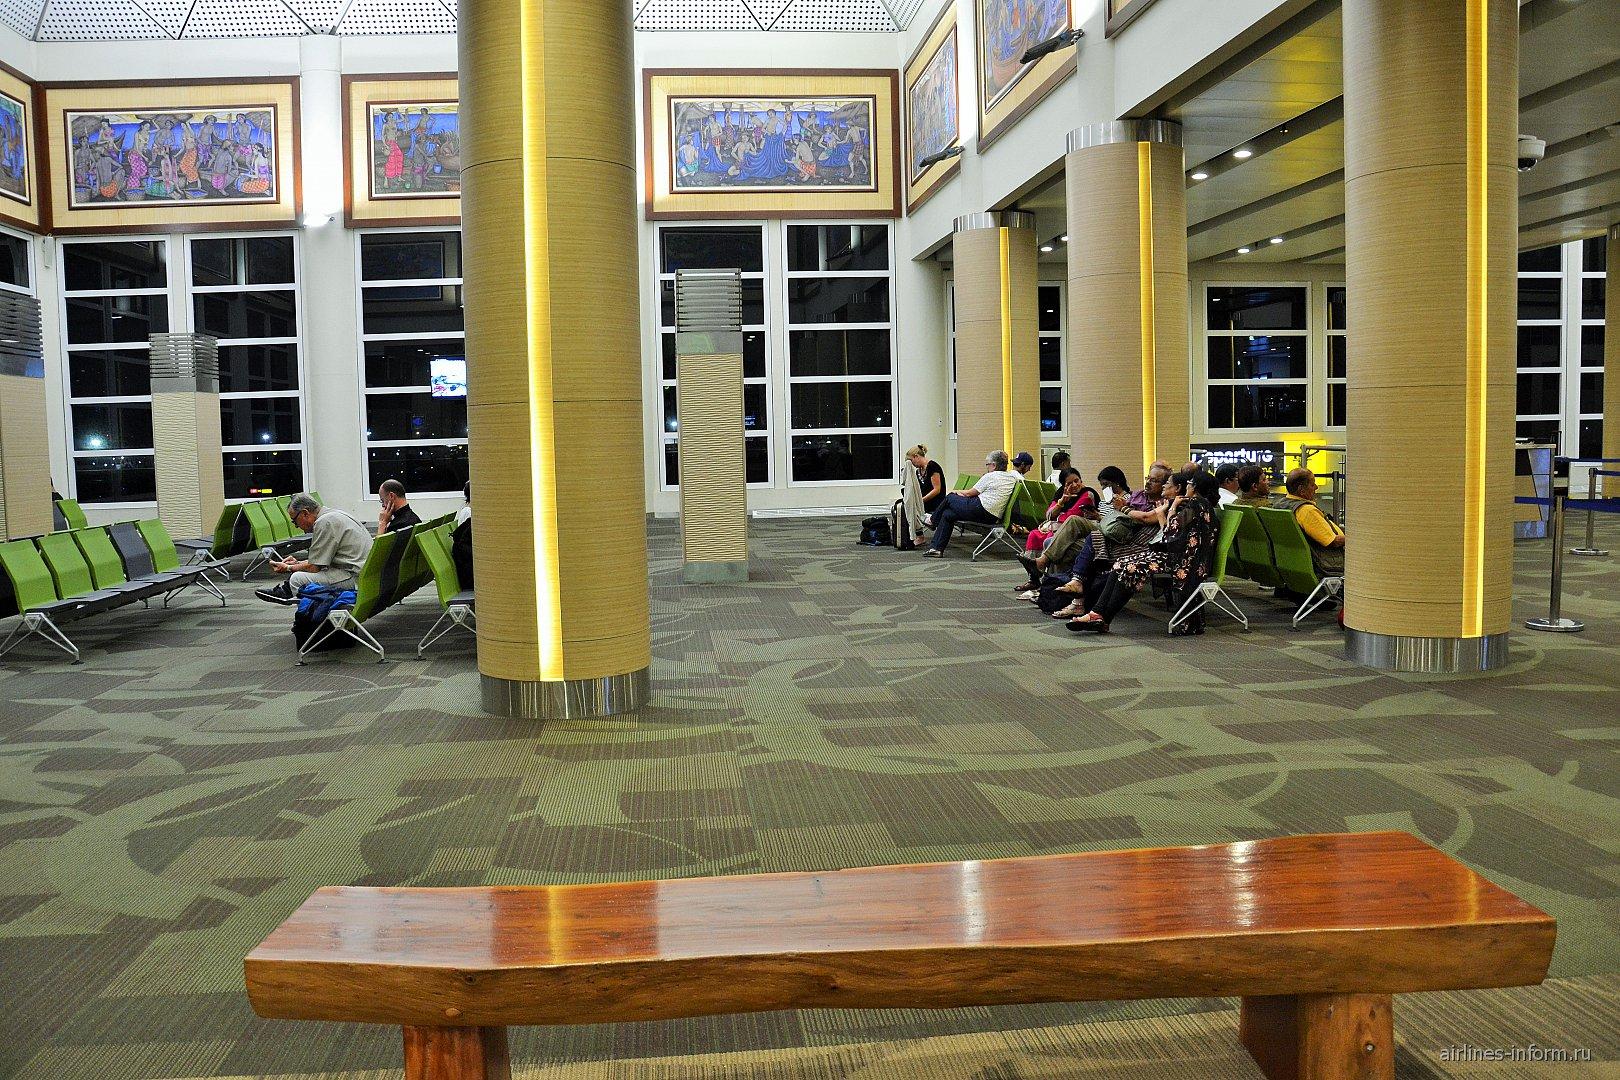 Зал ожидания в аэропорту Денпасар Нгура Рай